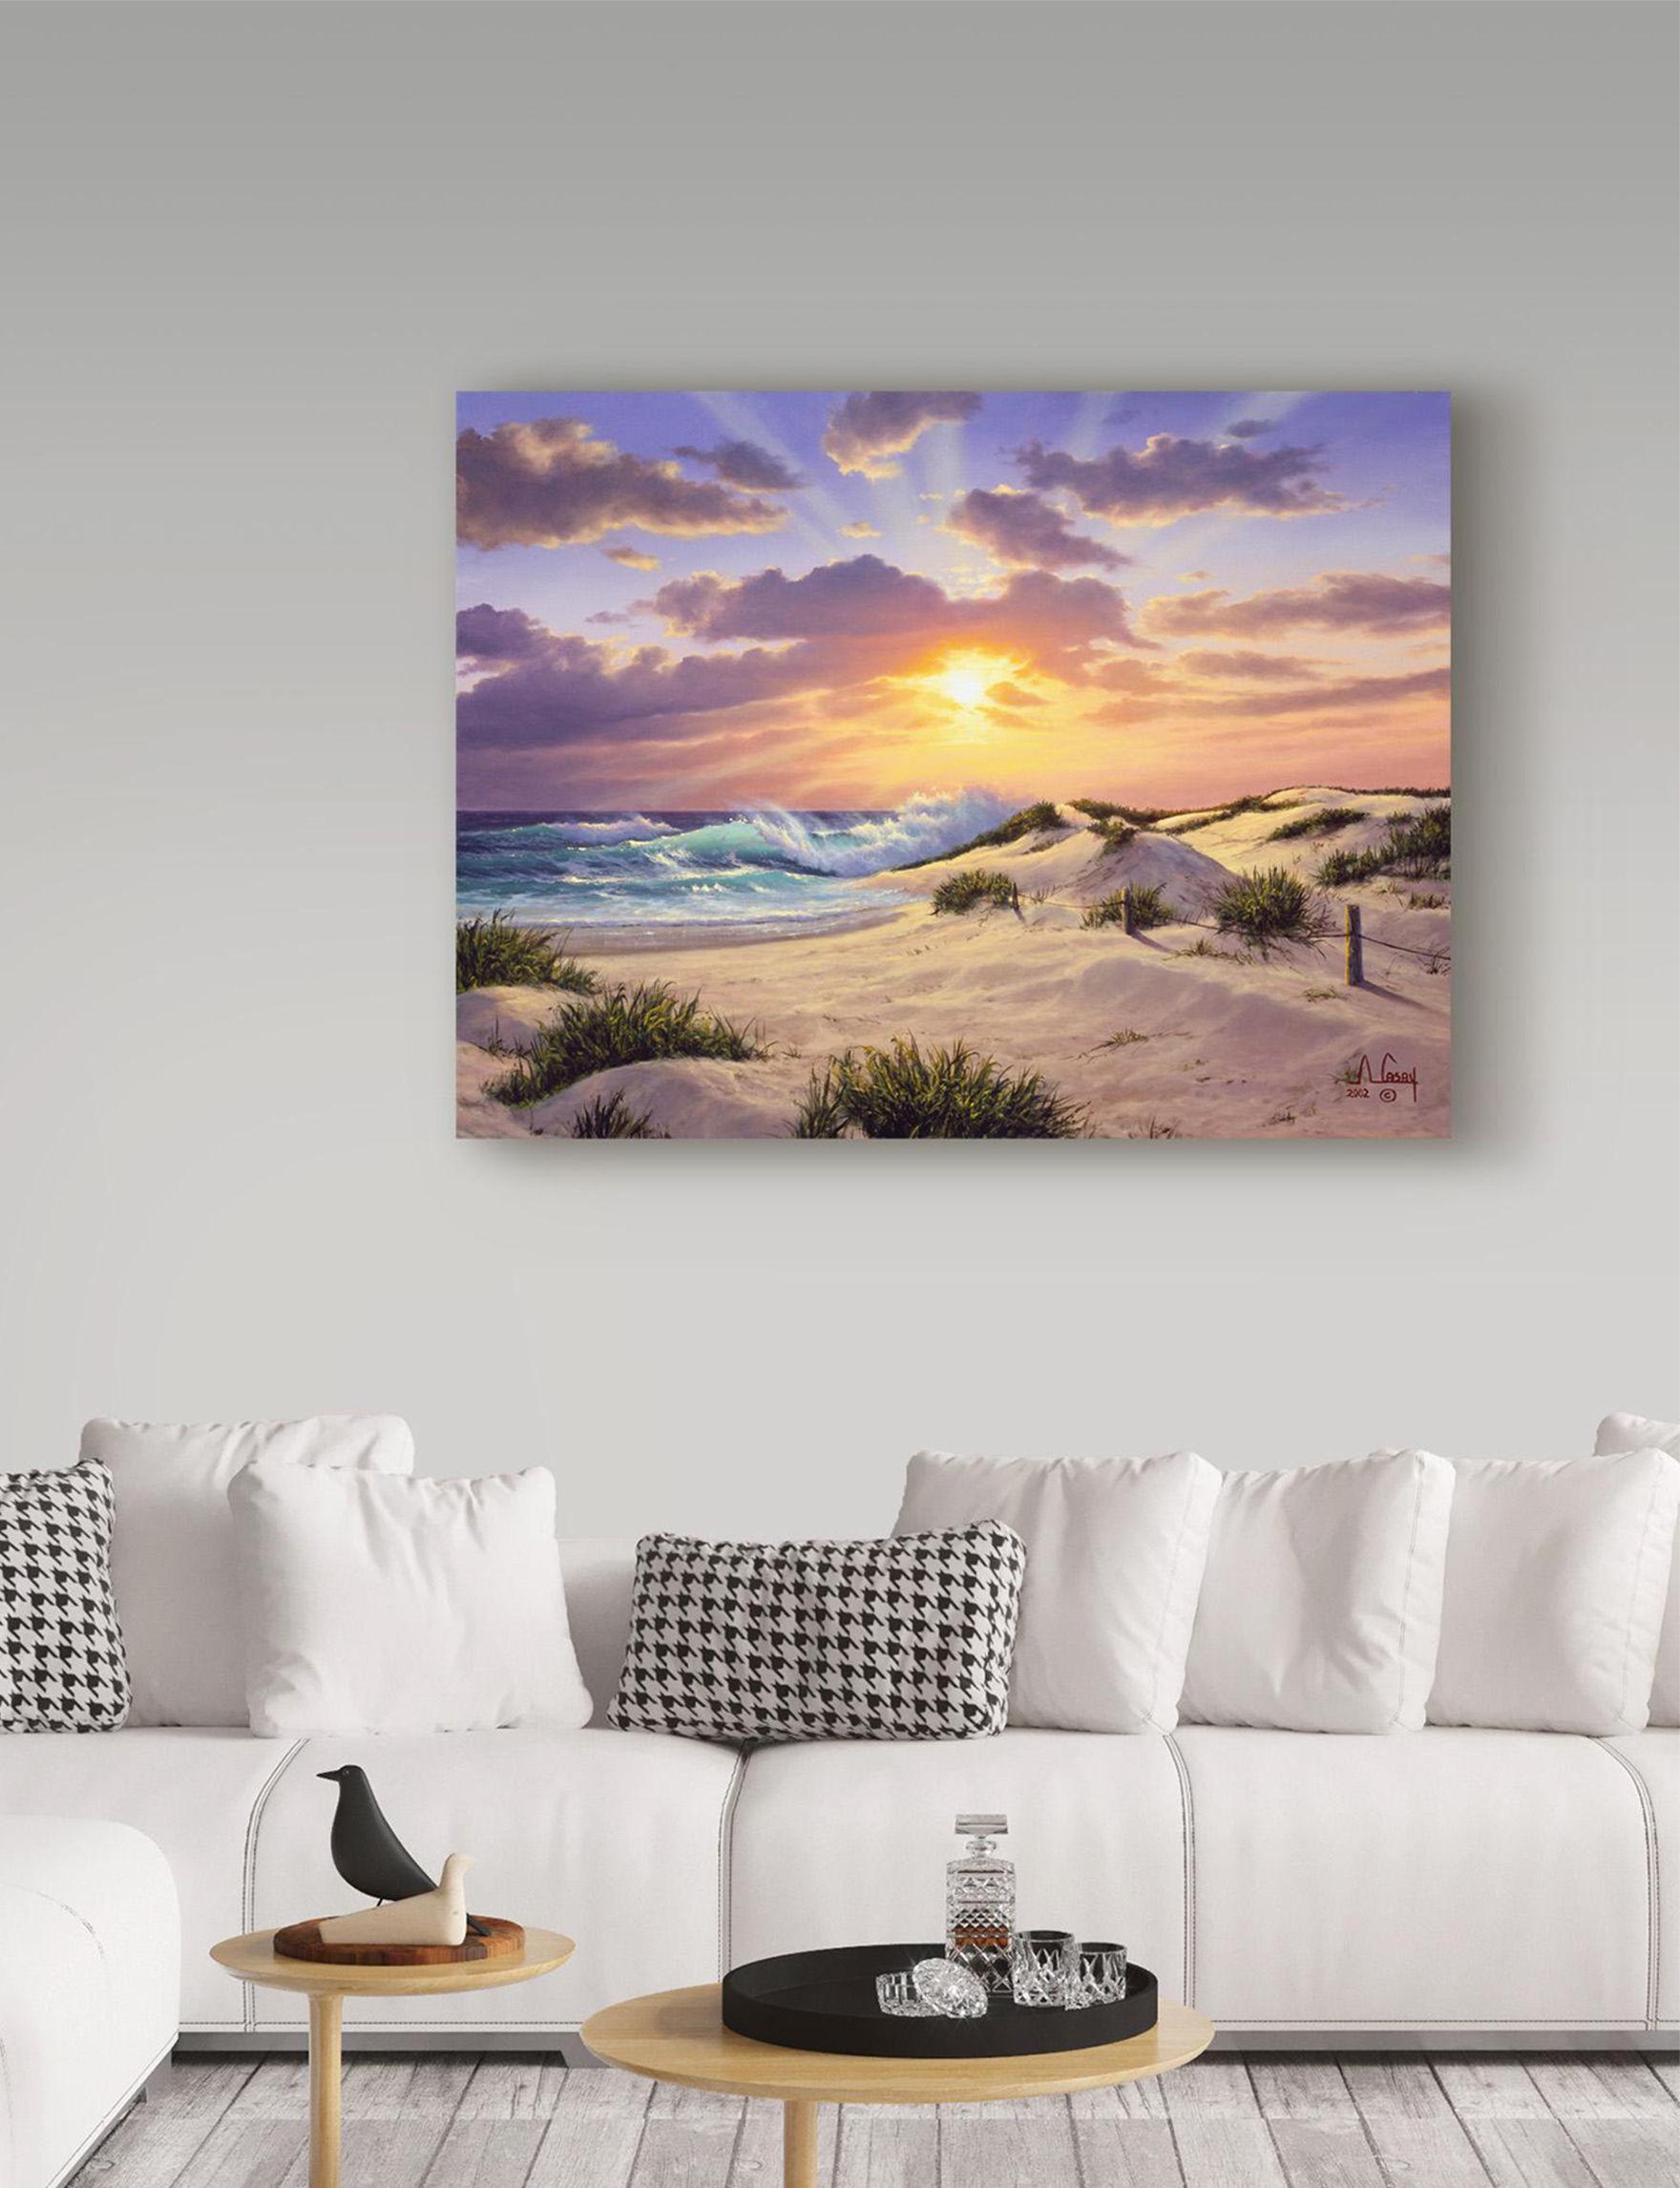 Trademark Fine Art Sunset Wall Art Home Accents Wall Decor